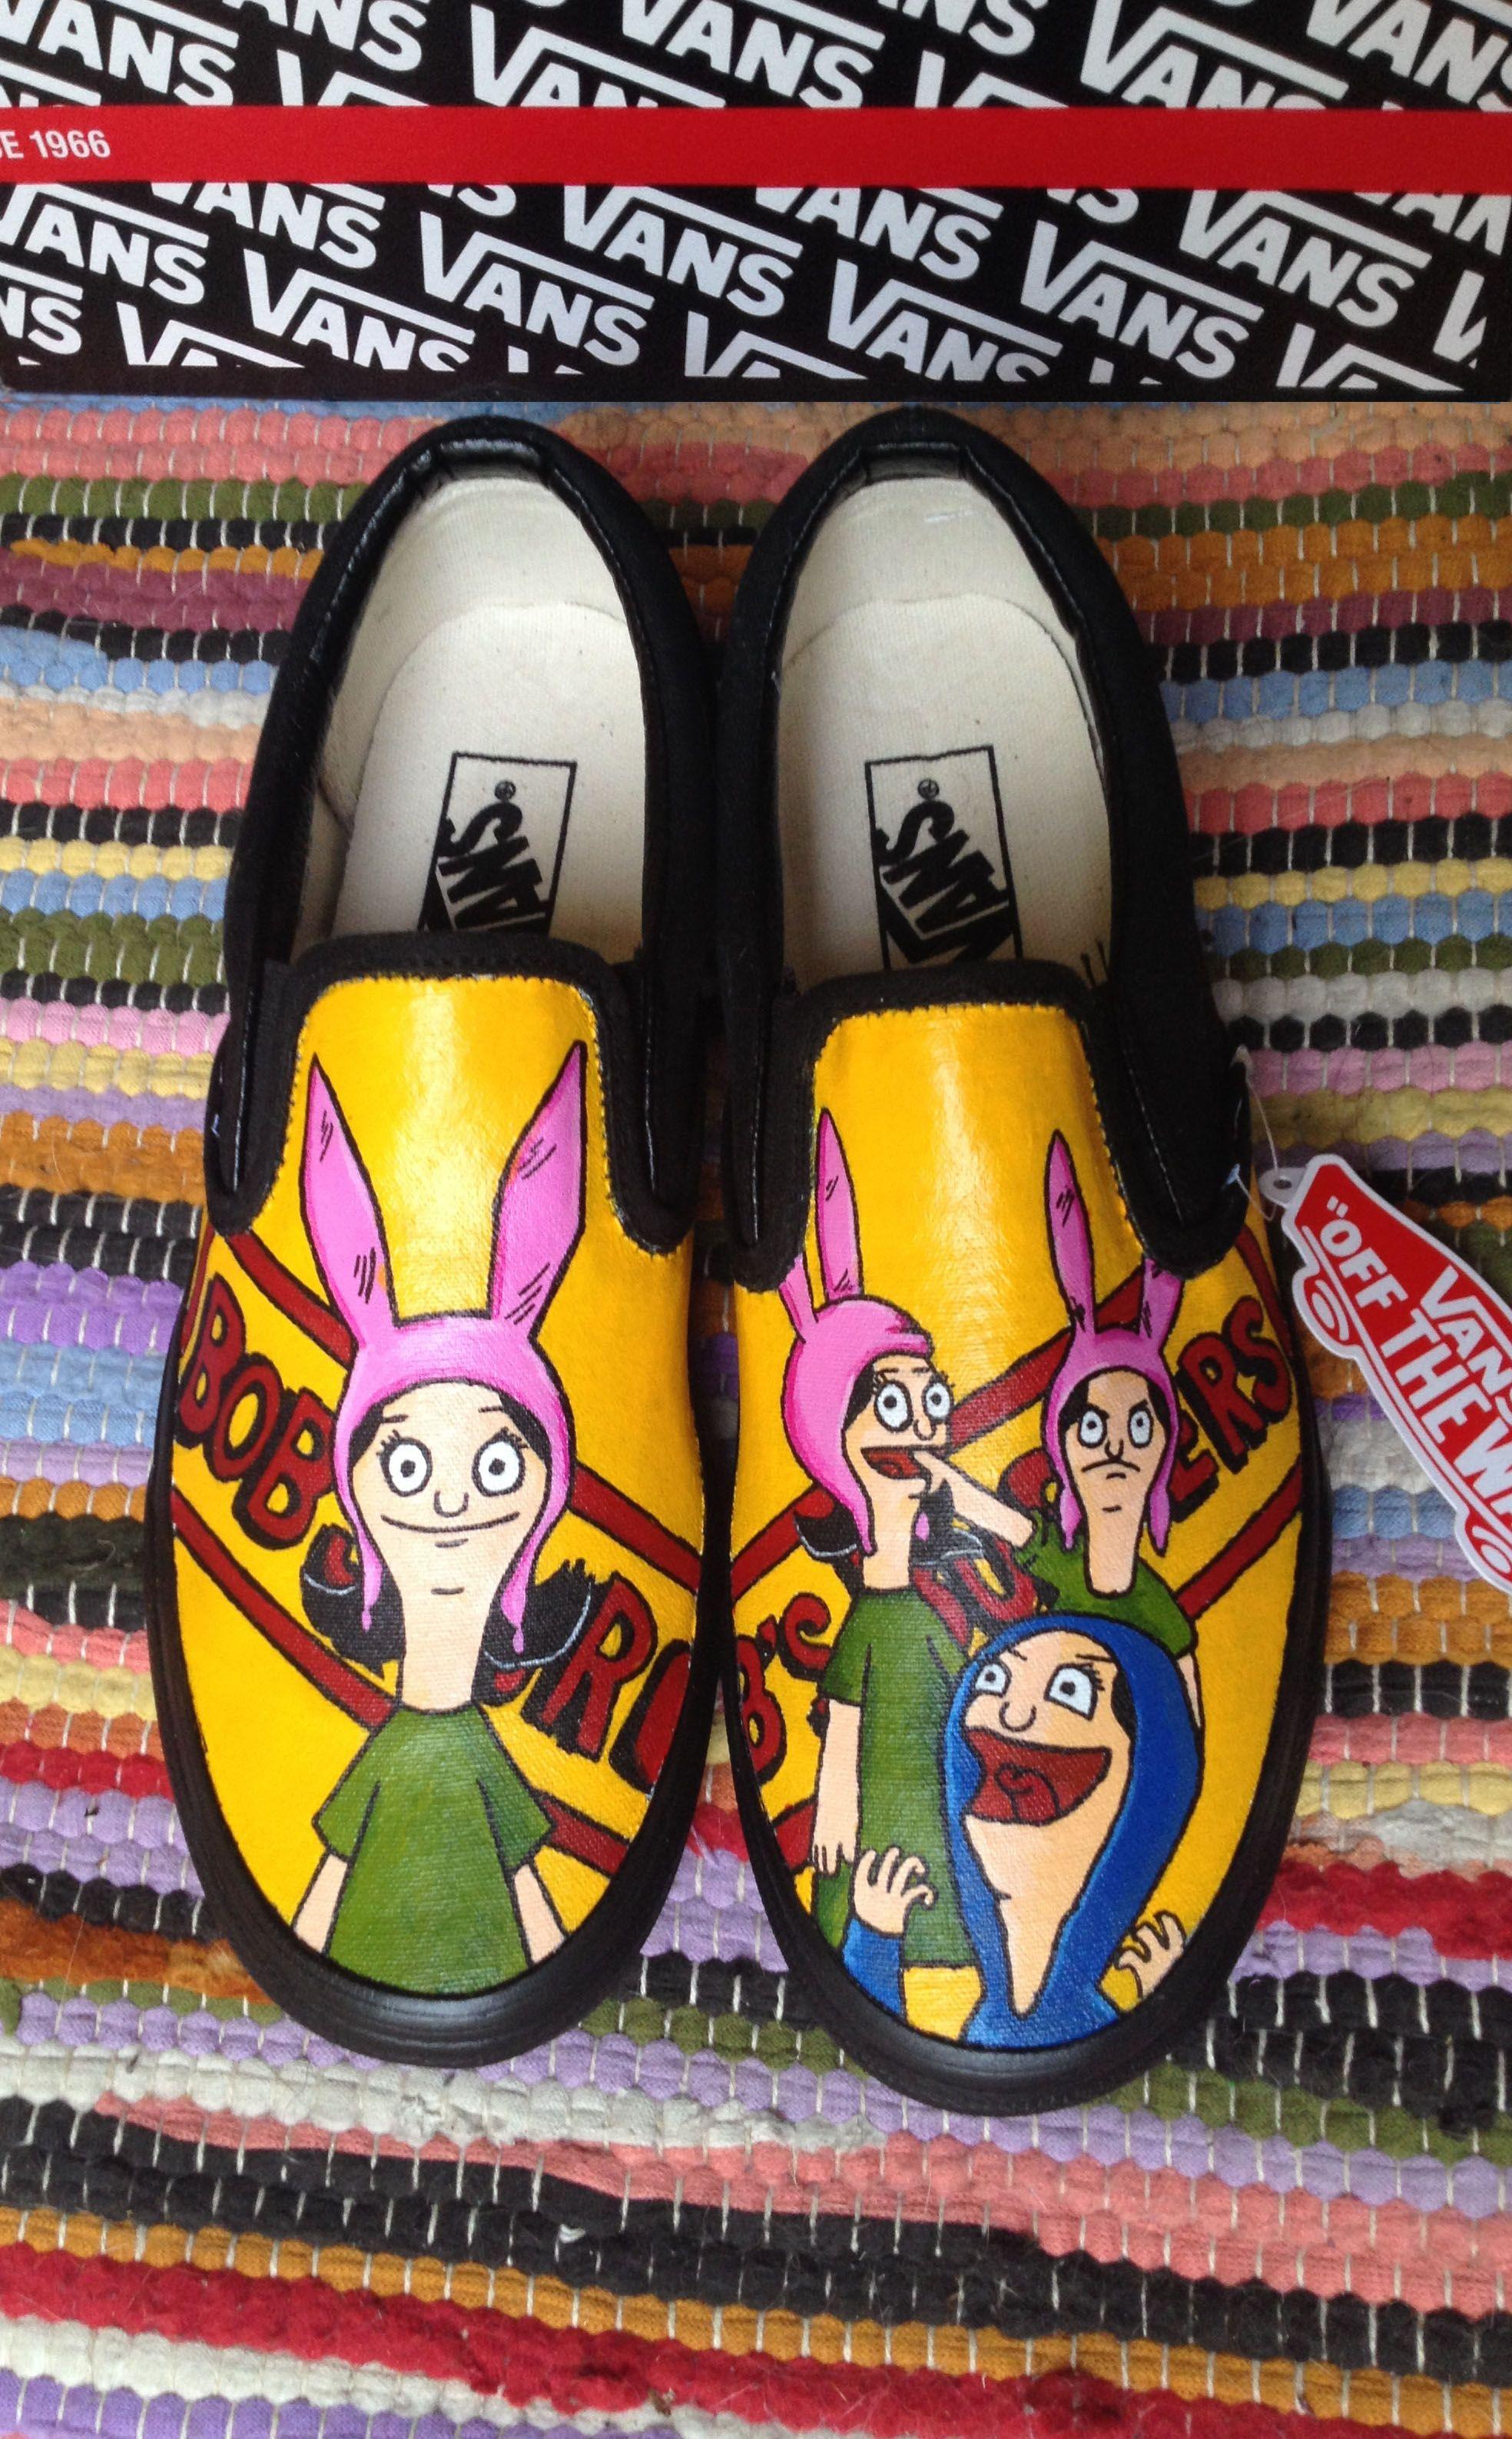 8e1bd066cc Bobs burgers Louise Belcher custom Vans!  LouiseBelcher  Custom Vans  Vans   Bobsburgers  Cosplayshoes  Customordershoes  LouiseVans  Handpaintedshoes  ...